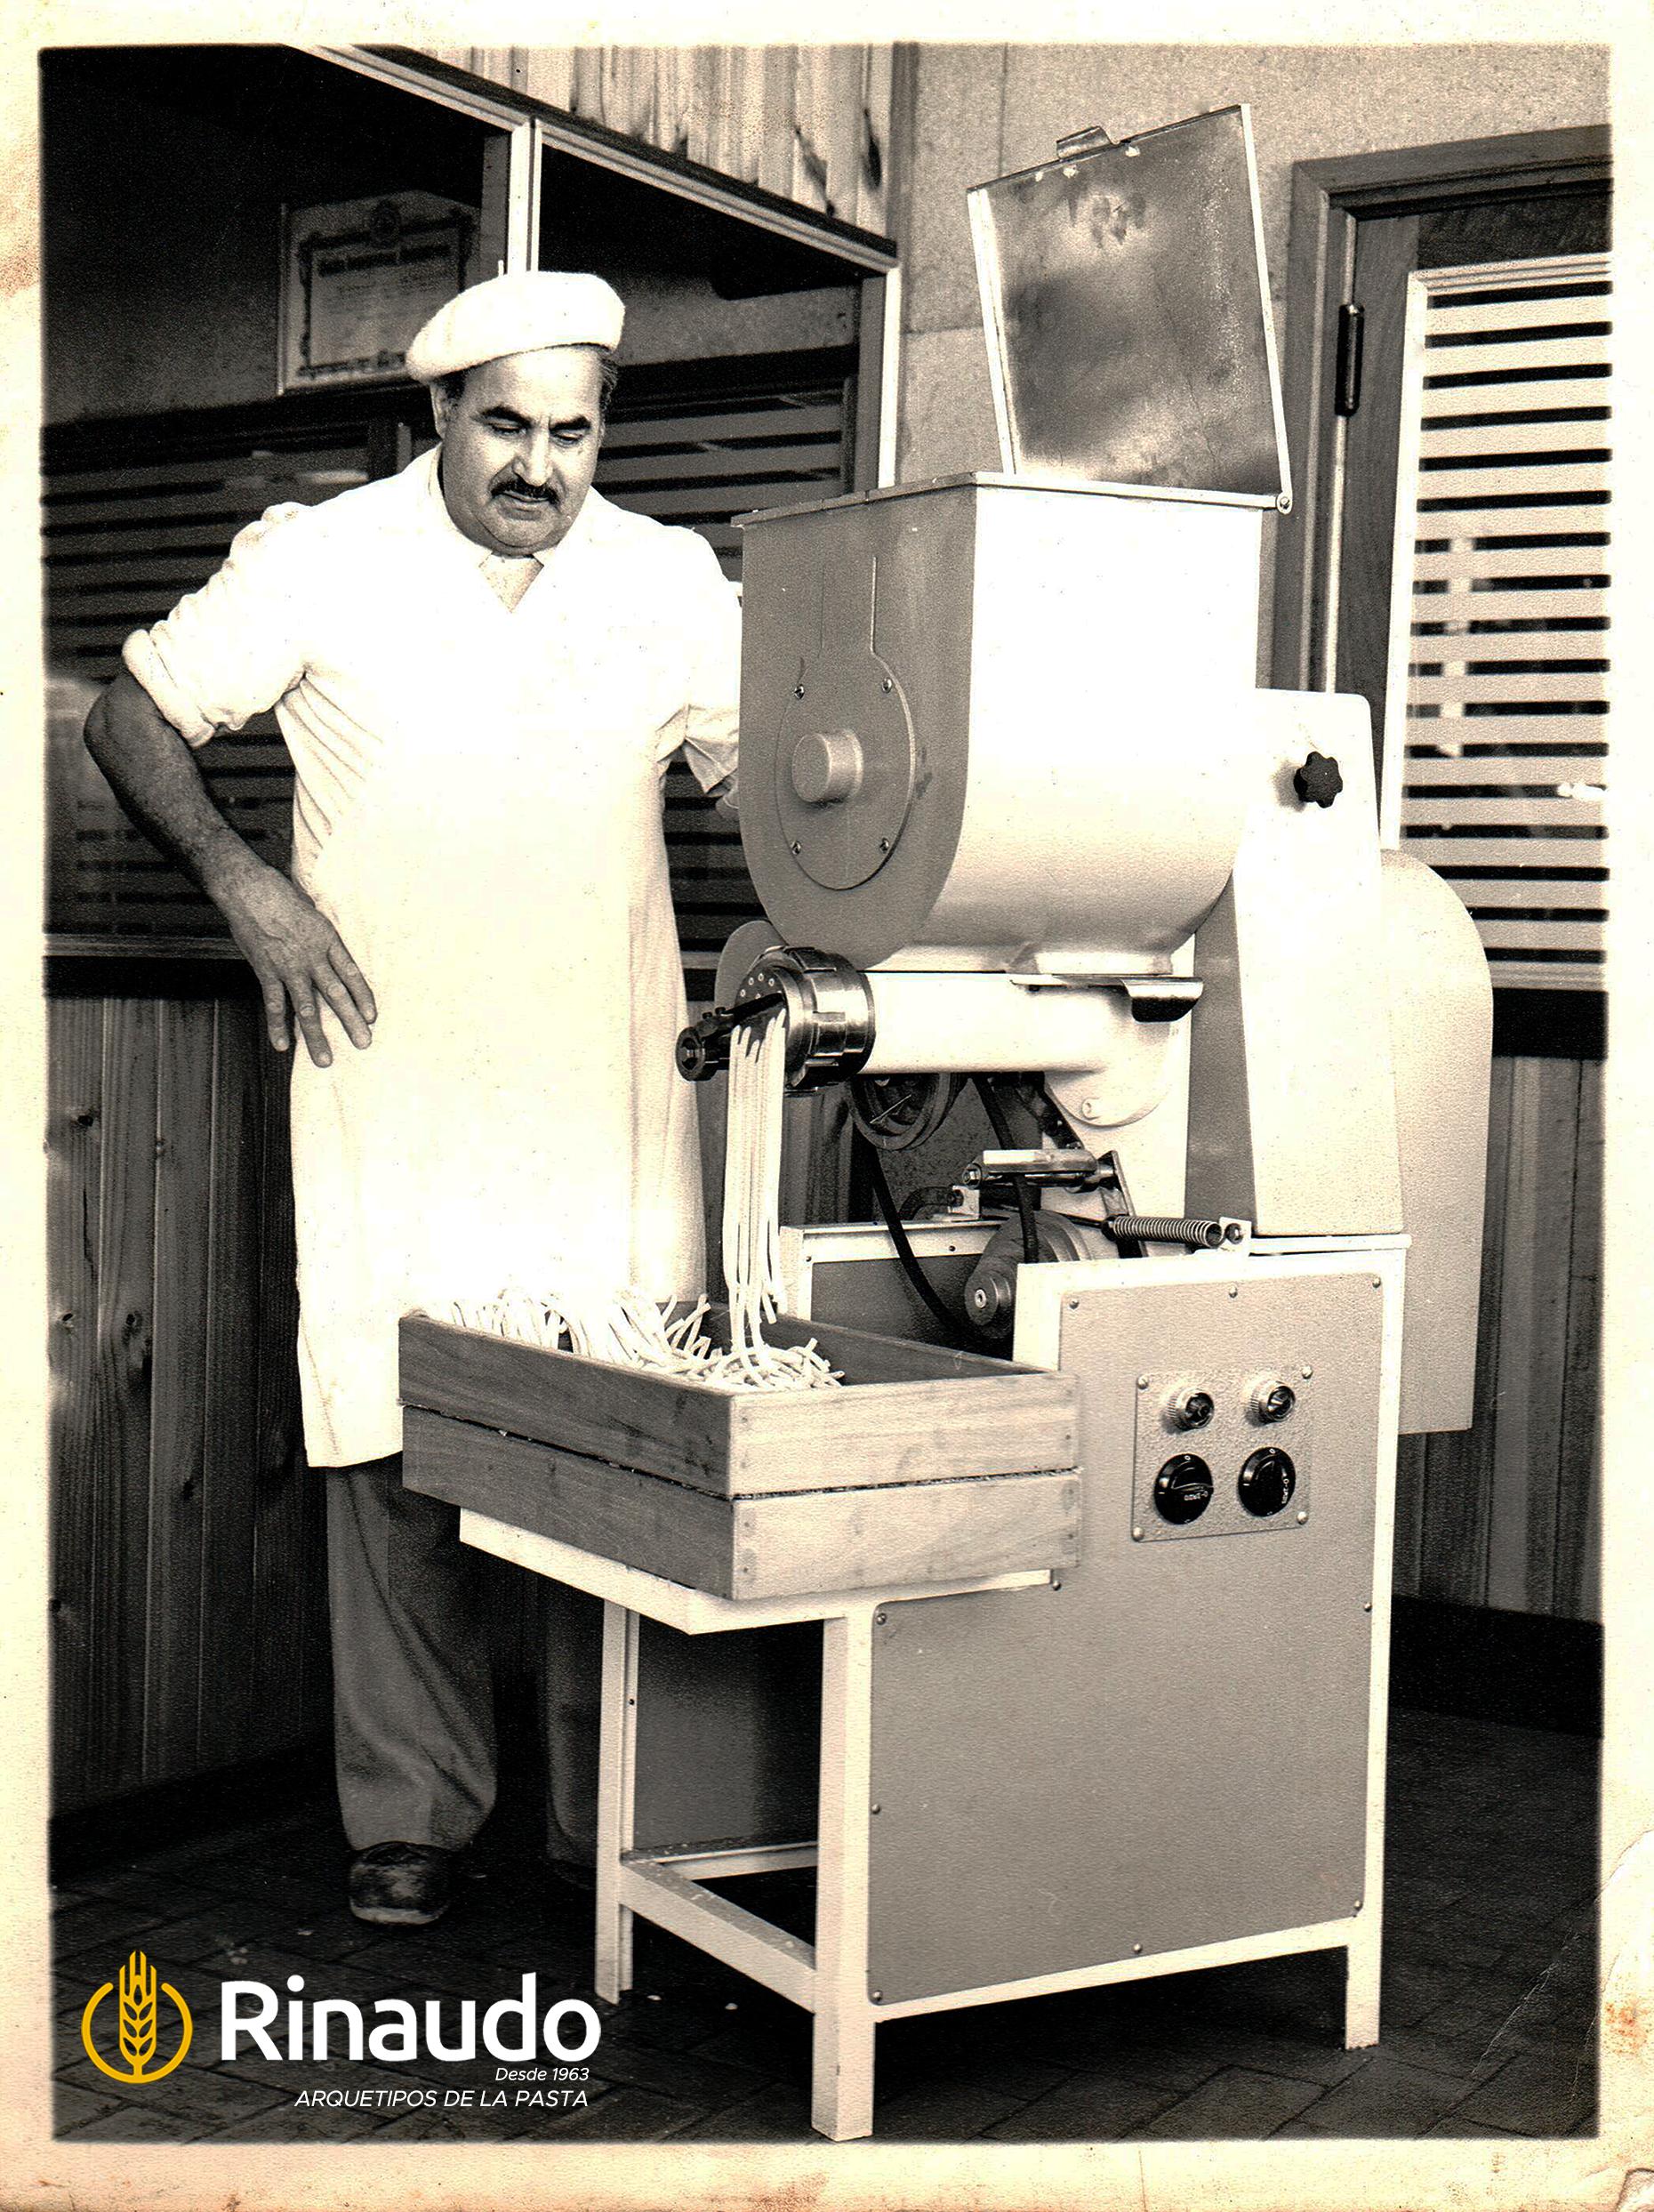 Martin y la primera maquina Rinaudo PEP50